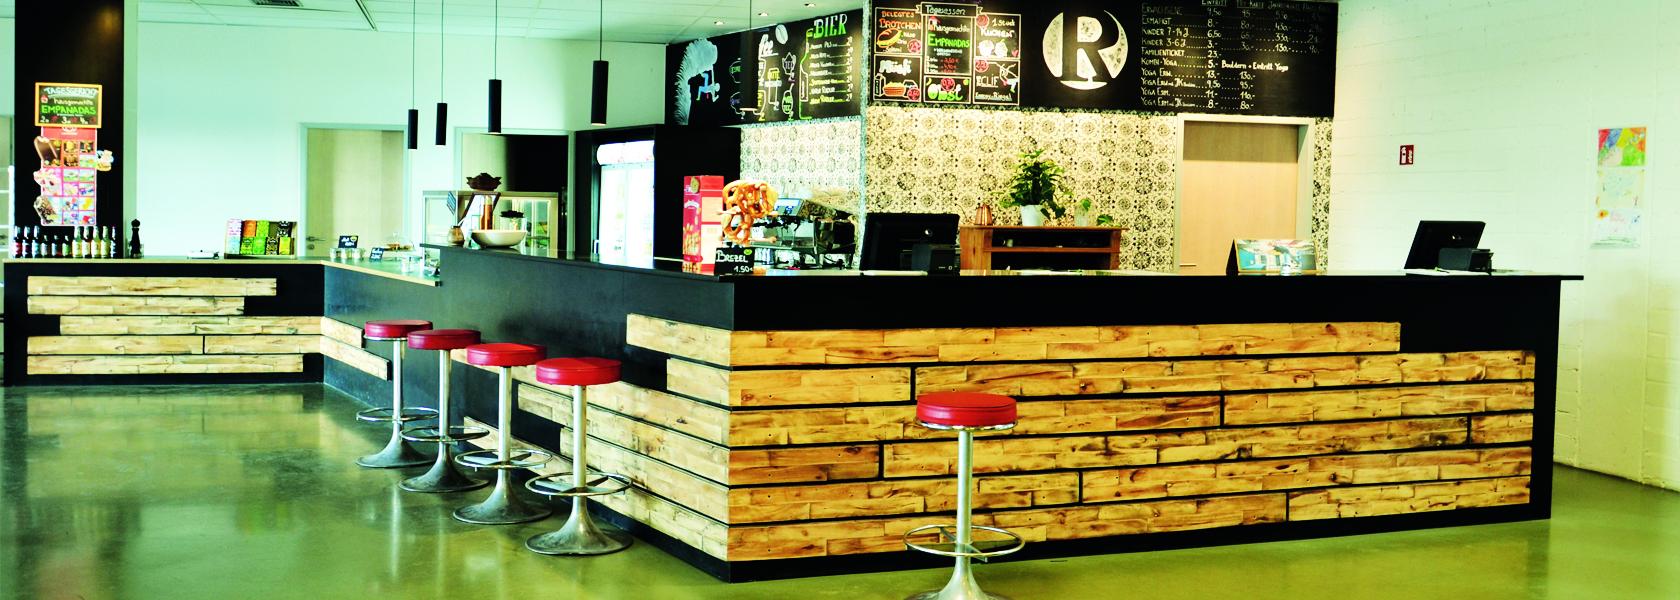 bistro shop rock inn. Black Bedroom Furniture Sets. Home Design Ideas